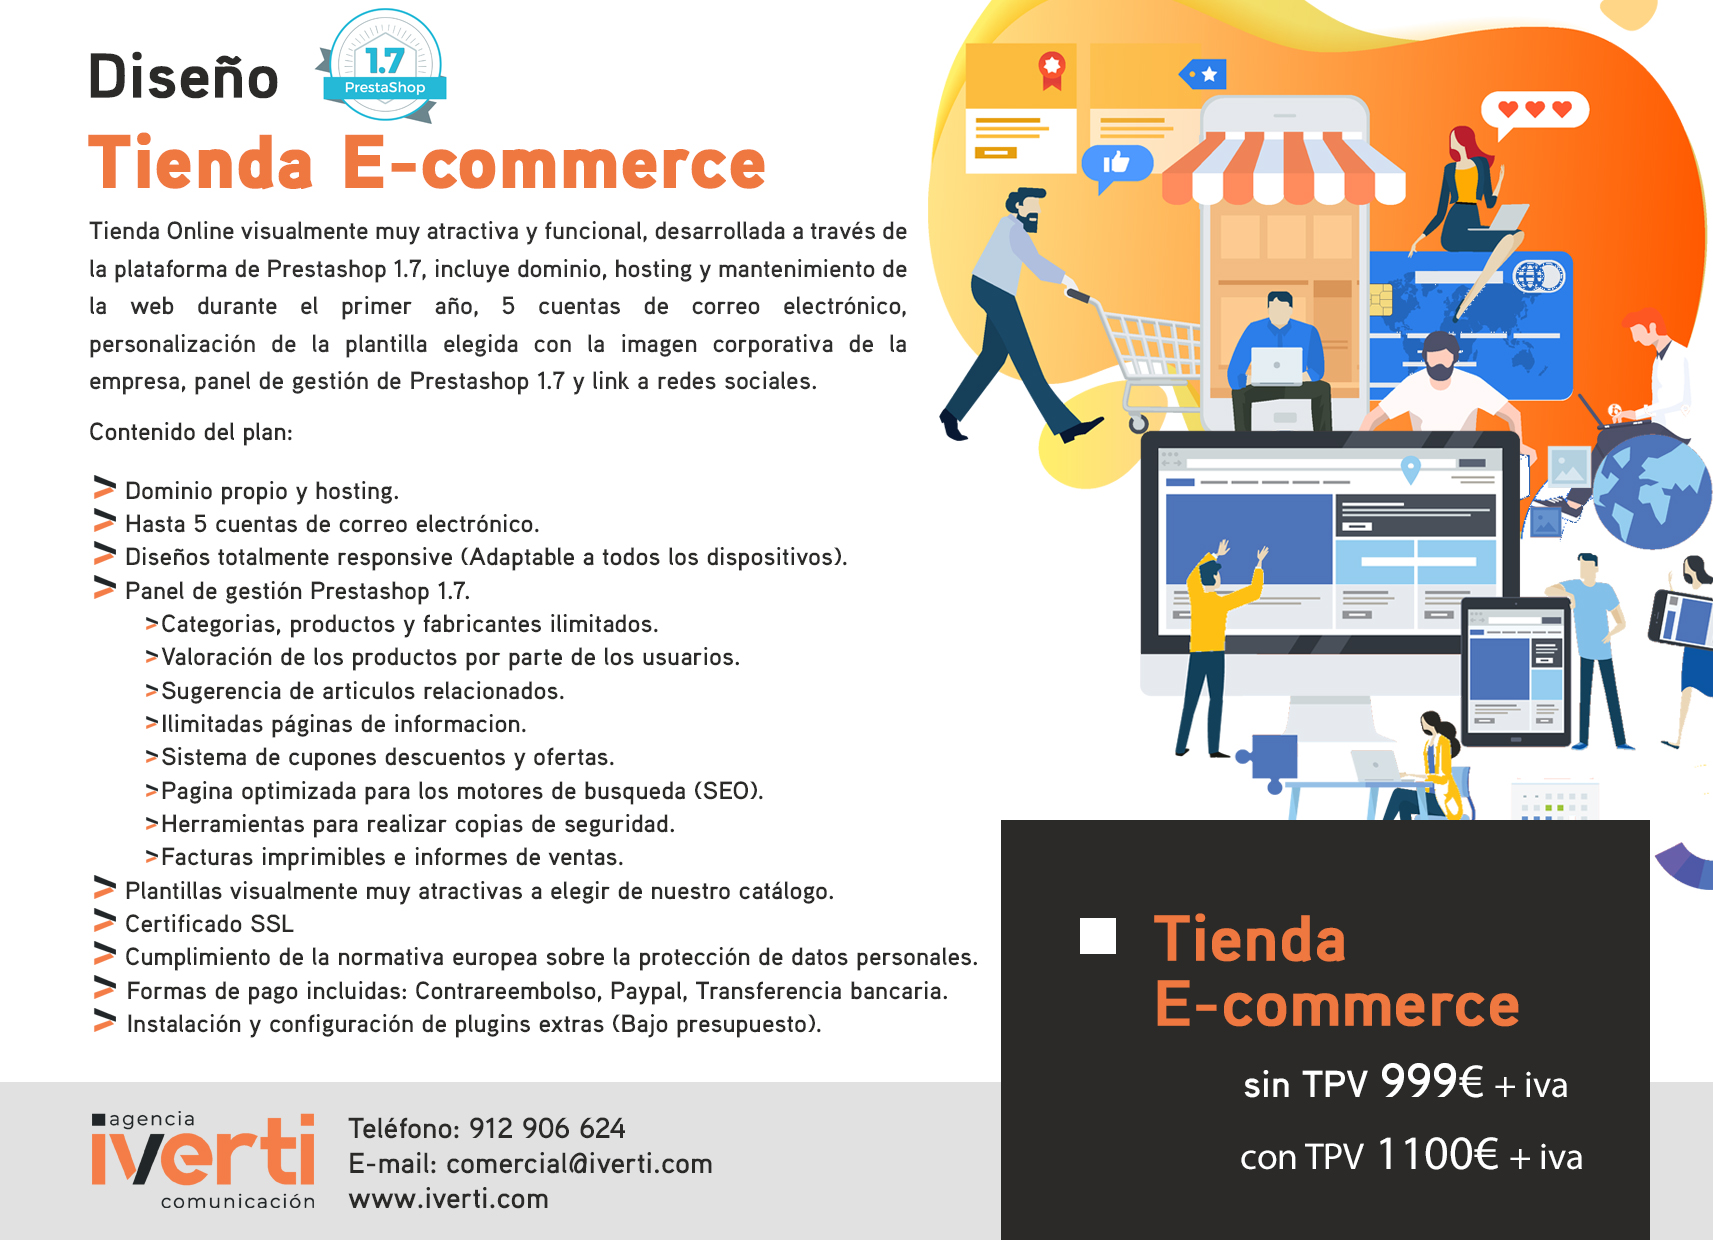 Tienda E-commerce